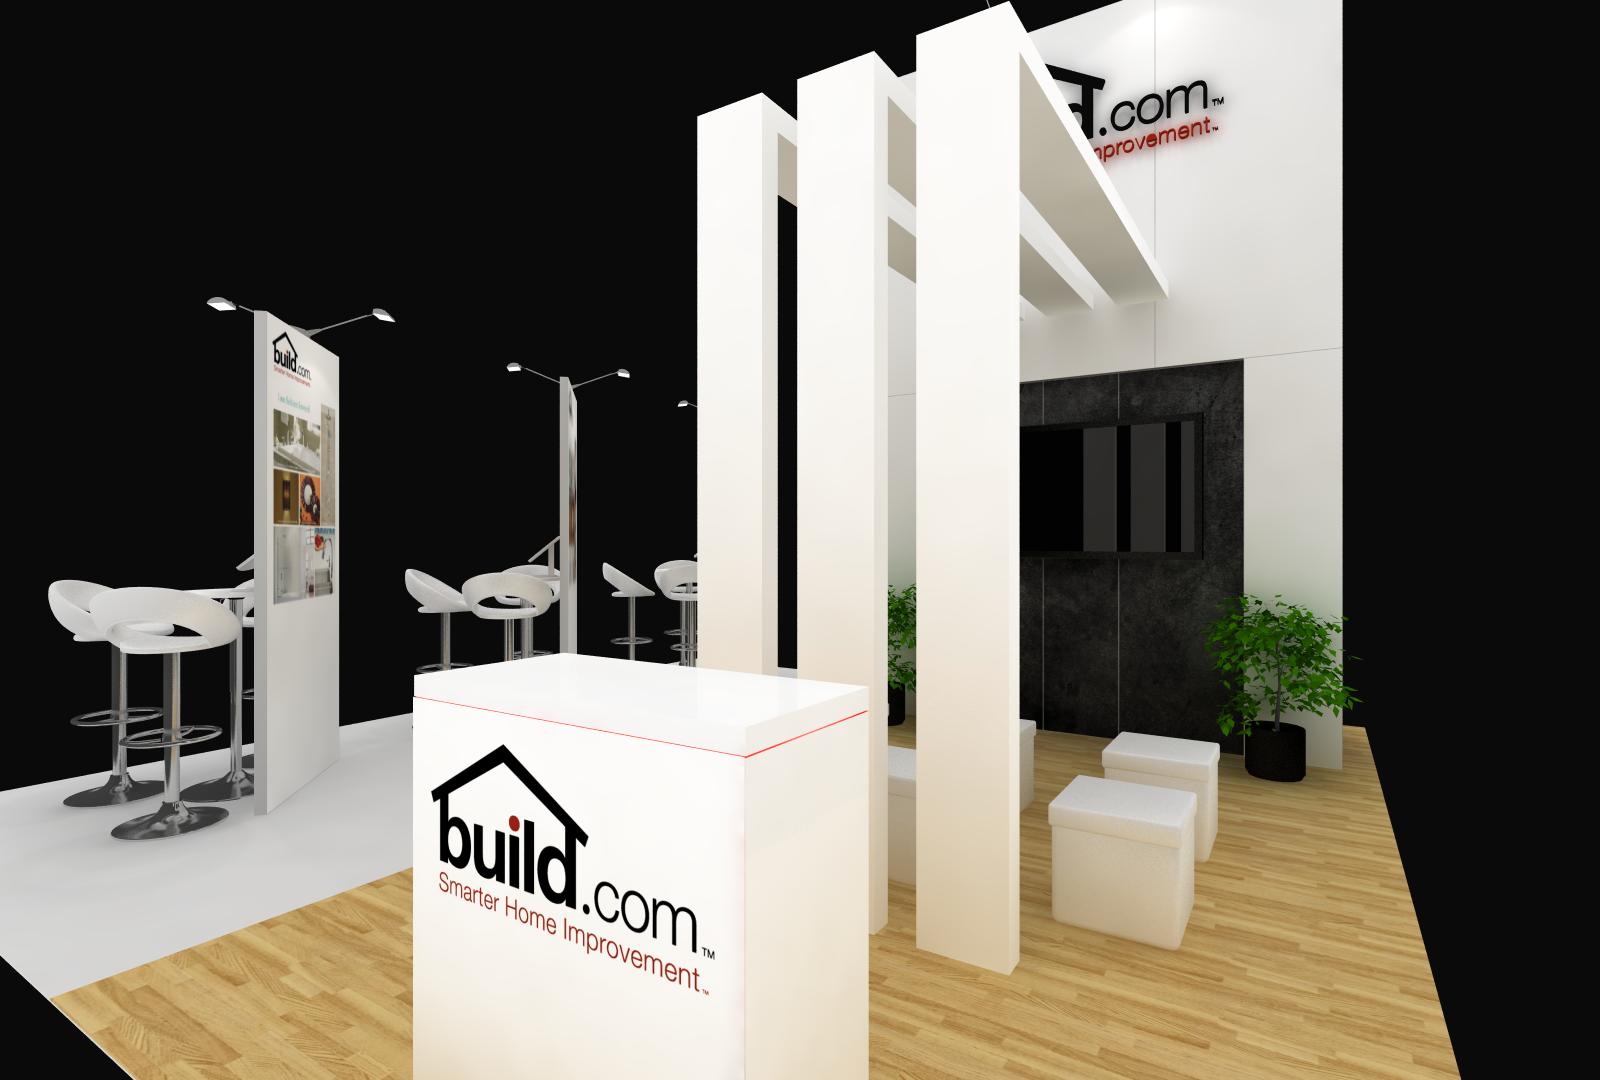 BuildCom_Dwell on Design 2016_20 x 20_v01Apre_View 6